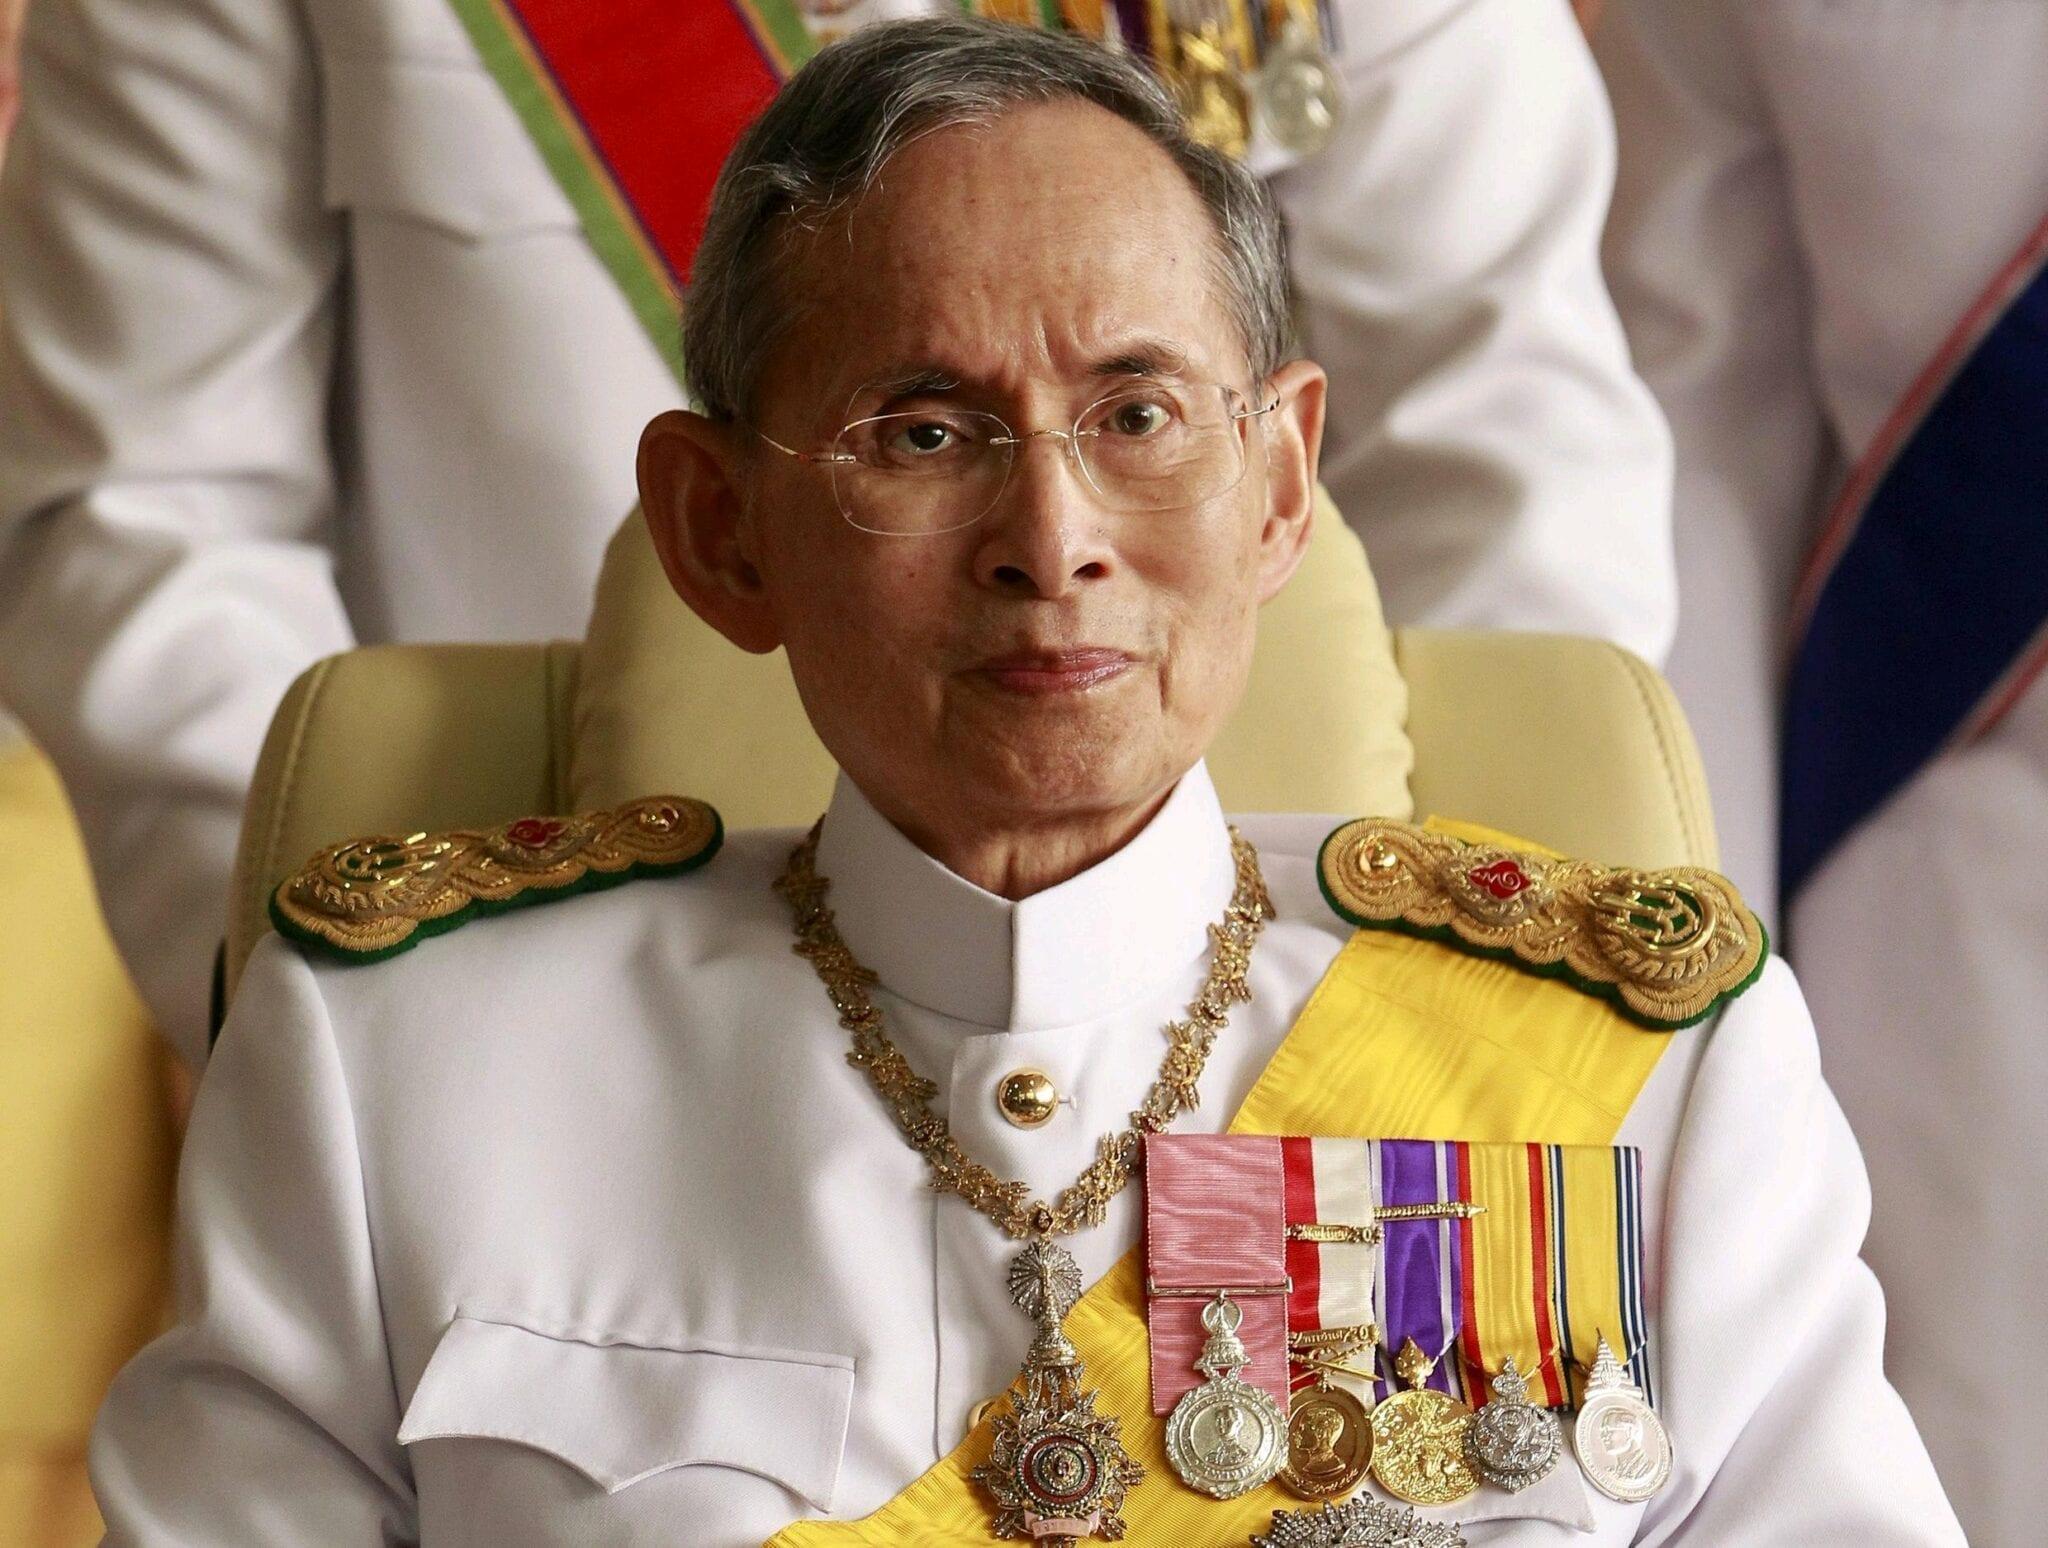 Thaïlande : Elle écope de 43 ans pour avoir insulté la famille royale